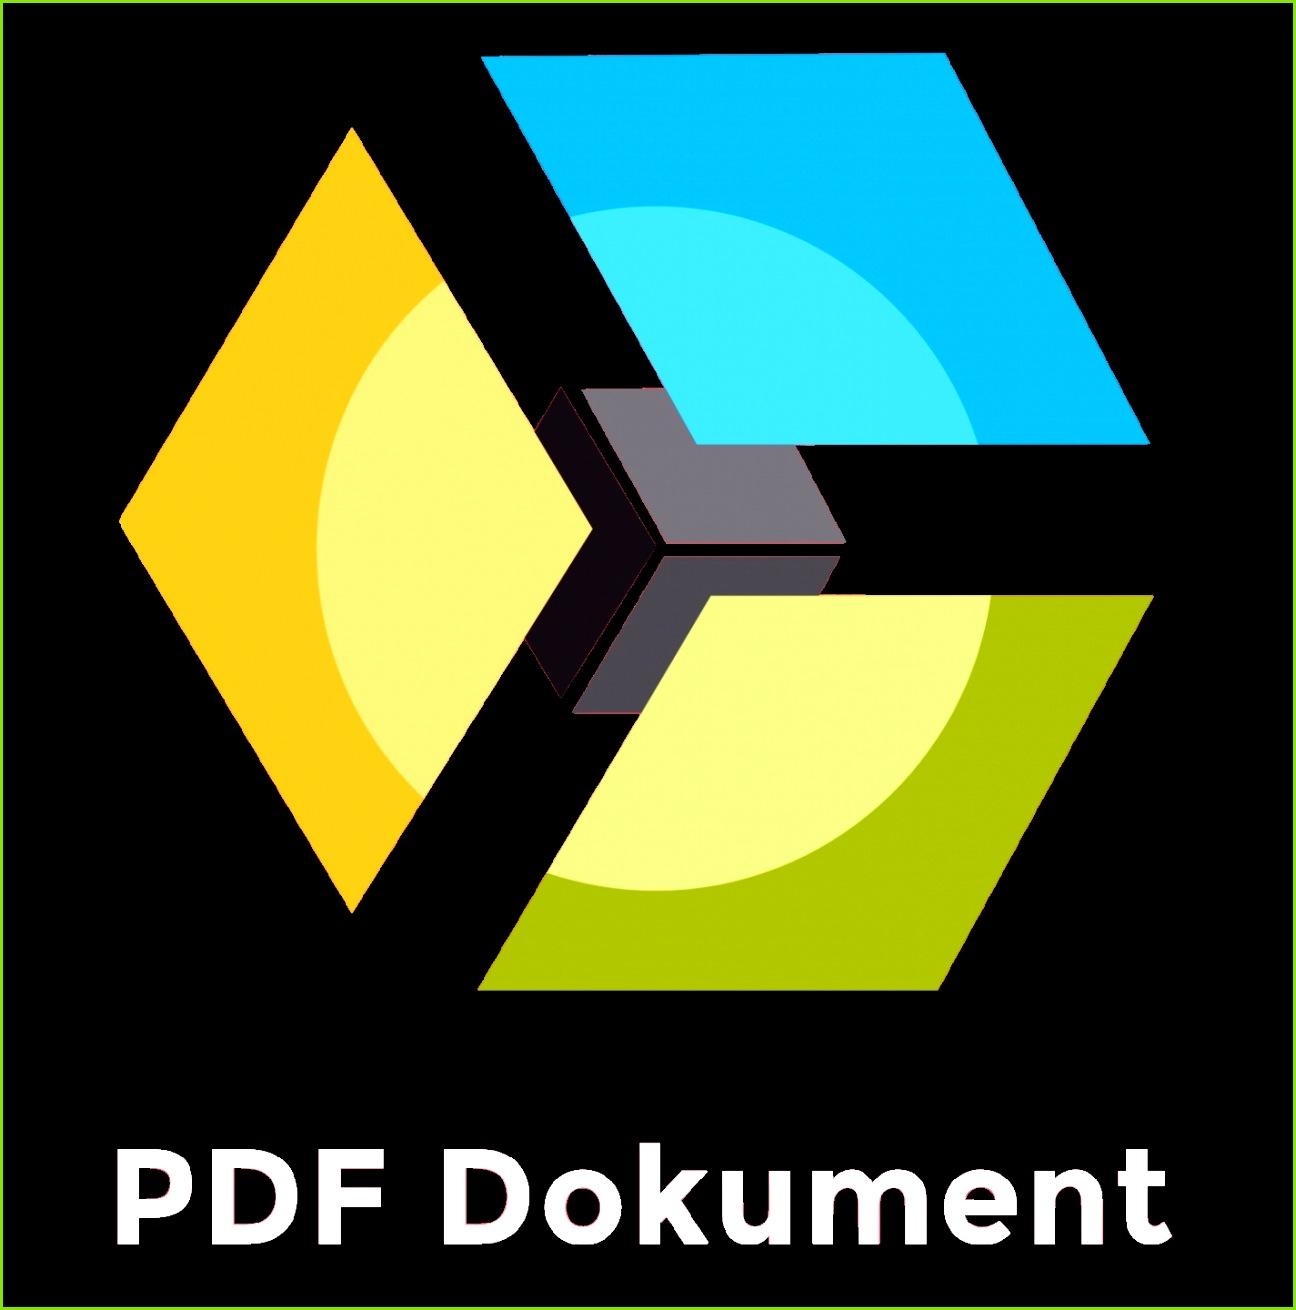 pdfdokument logo neuen PDFDOKUMENT Datev Vorlage Zur Dokumentation Der Taglichen Arbeitszeit